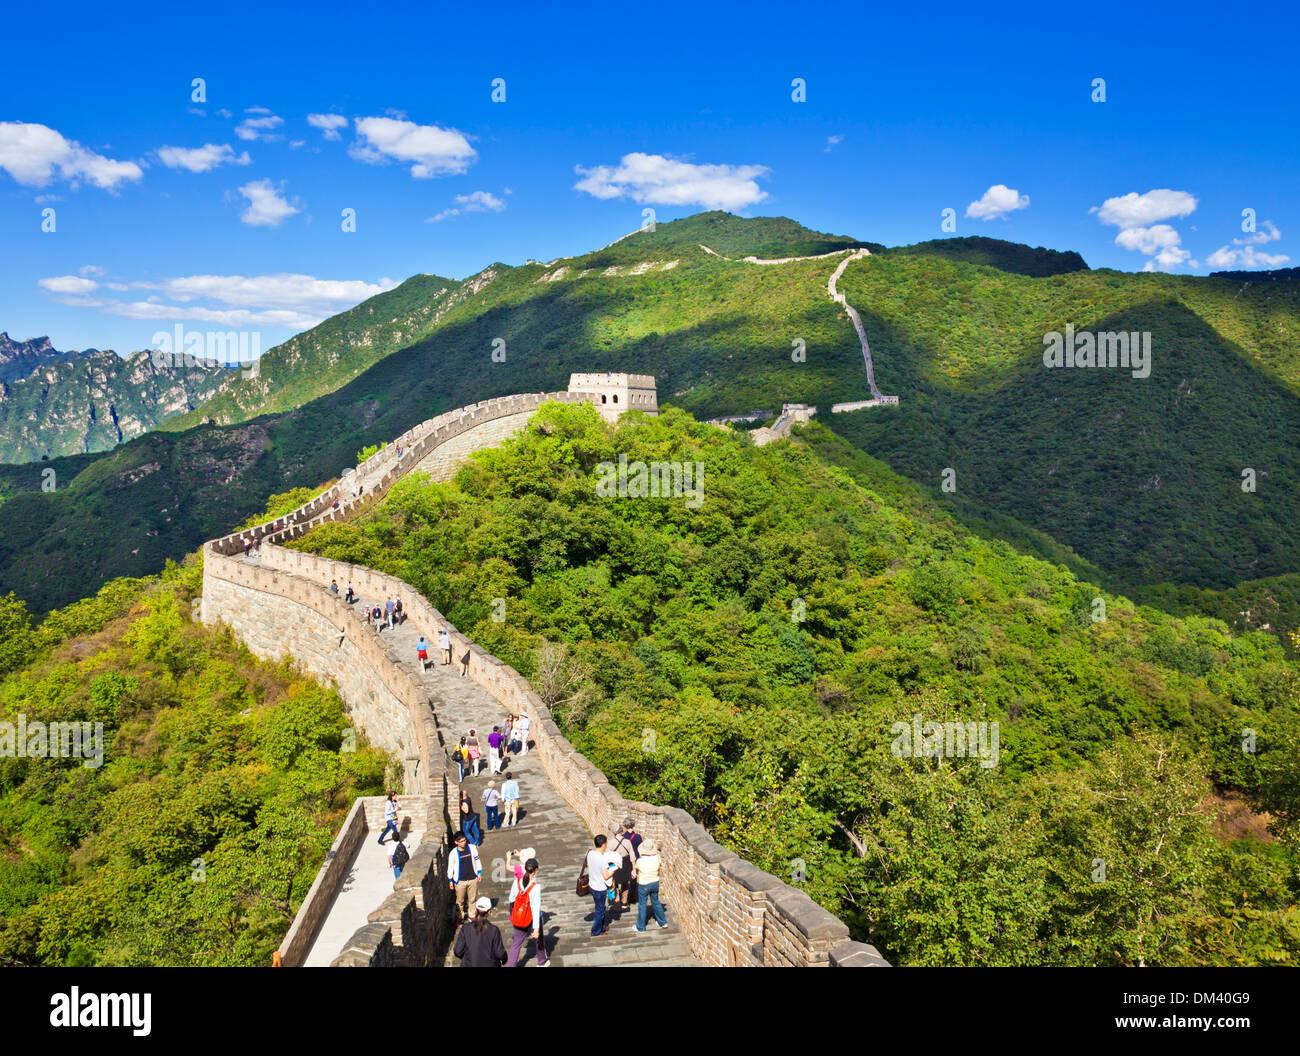 Touristen besuchen die Great Wall Of China, UNESCO-Weltkulturerbe, Mutianyu, Bezirk von Peking, China, Asien Stockbild